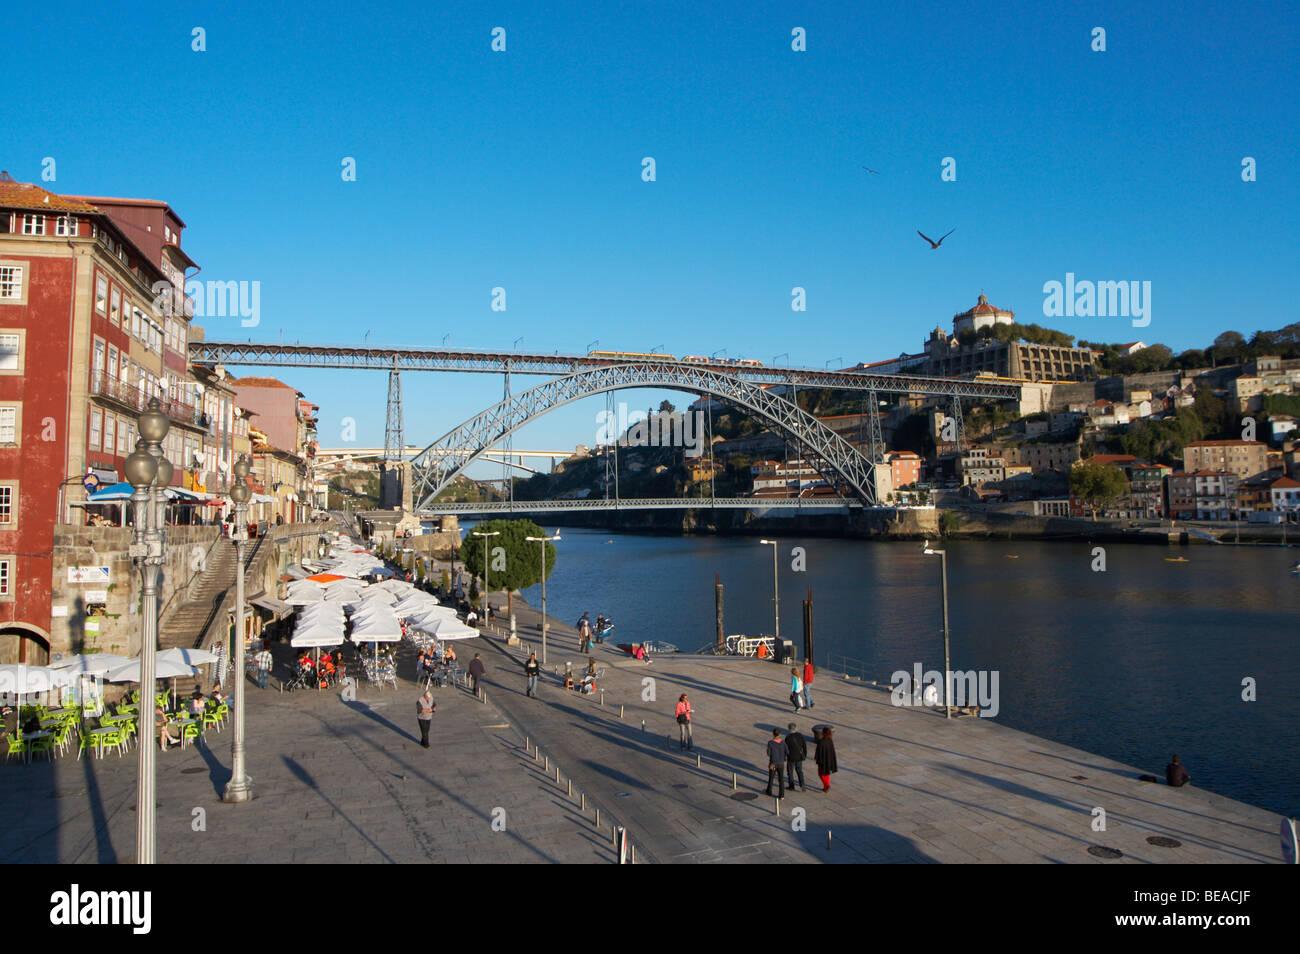 Dom Luis I bridge and Cais da Ribeira porto portugal - Stock Image